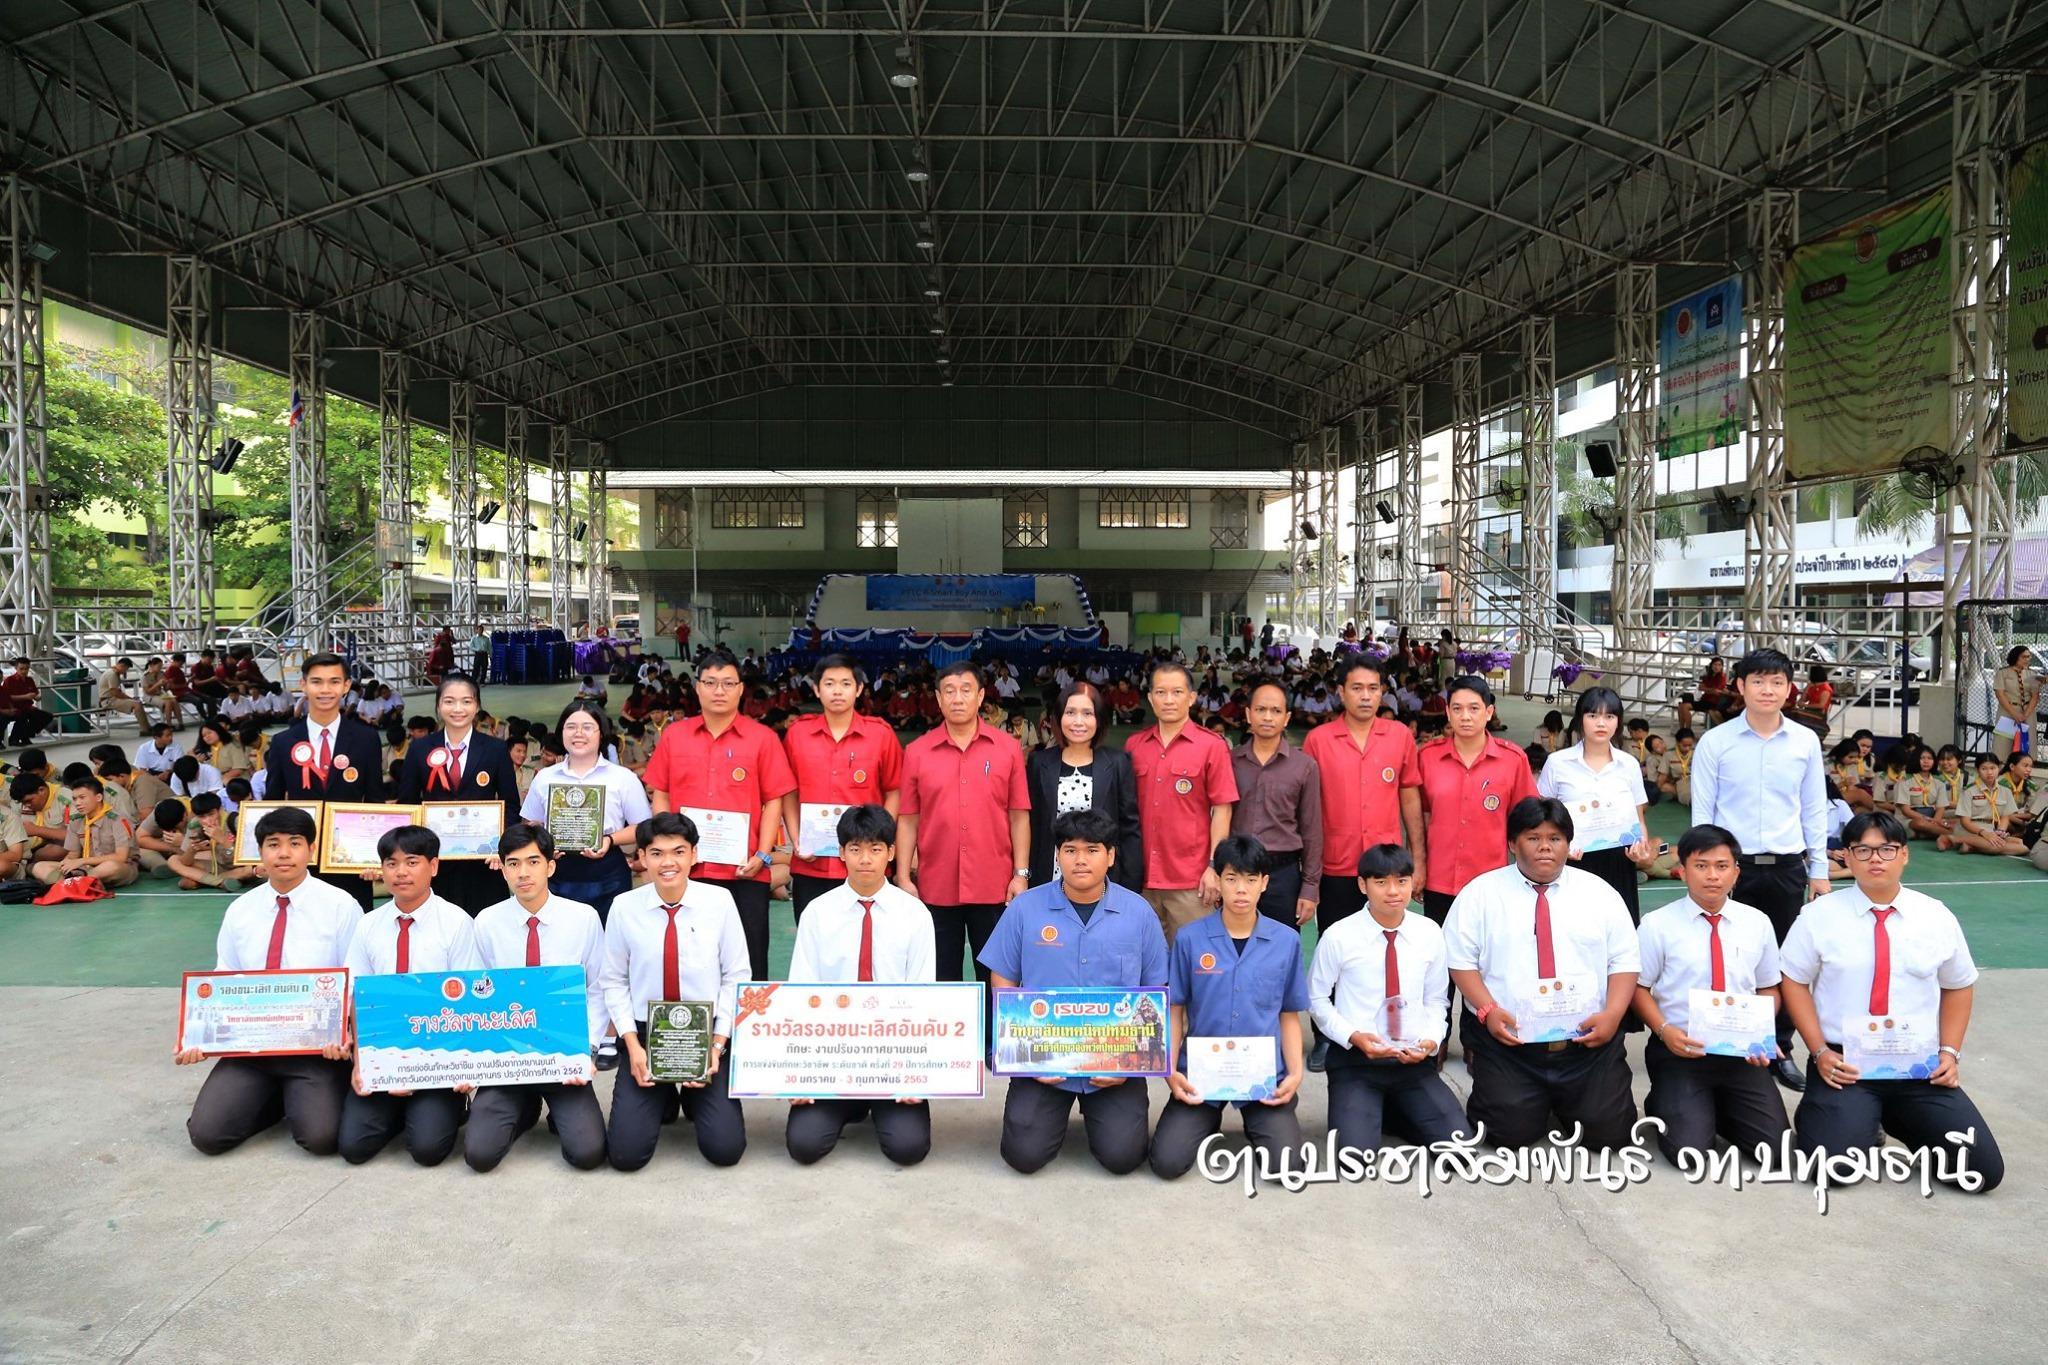 มอบเกียรติบัตรการแข่งขันทักษะวิชาชีพ ระดับชาติ ครั้งที่ 29  2563